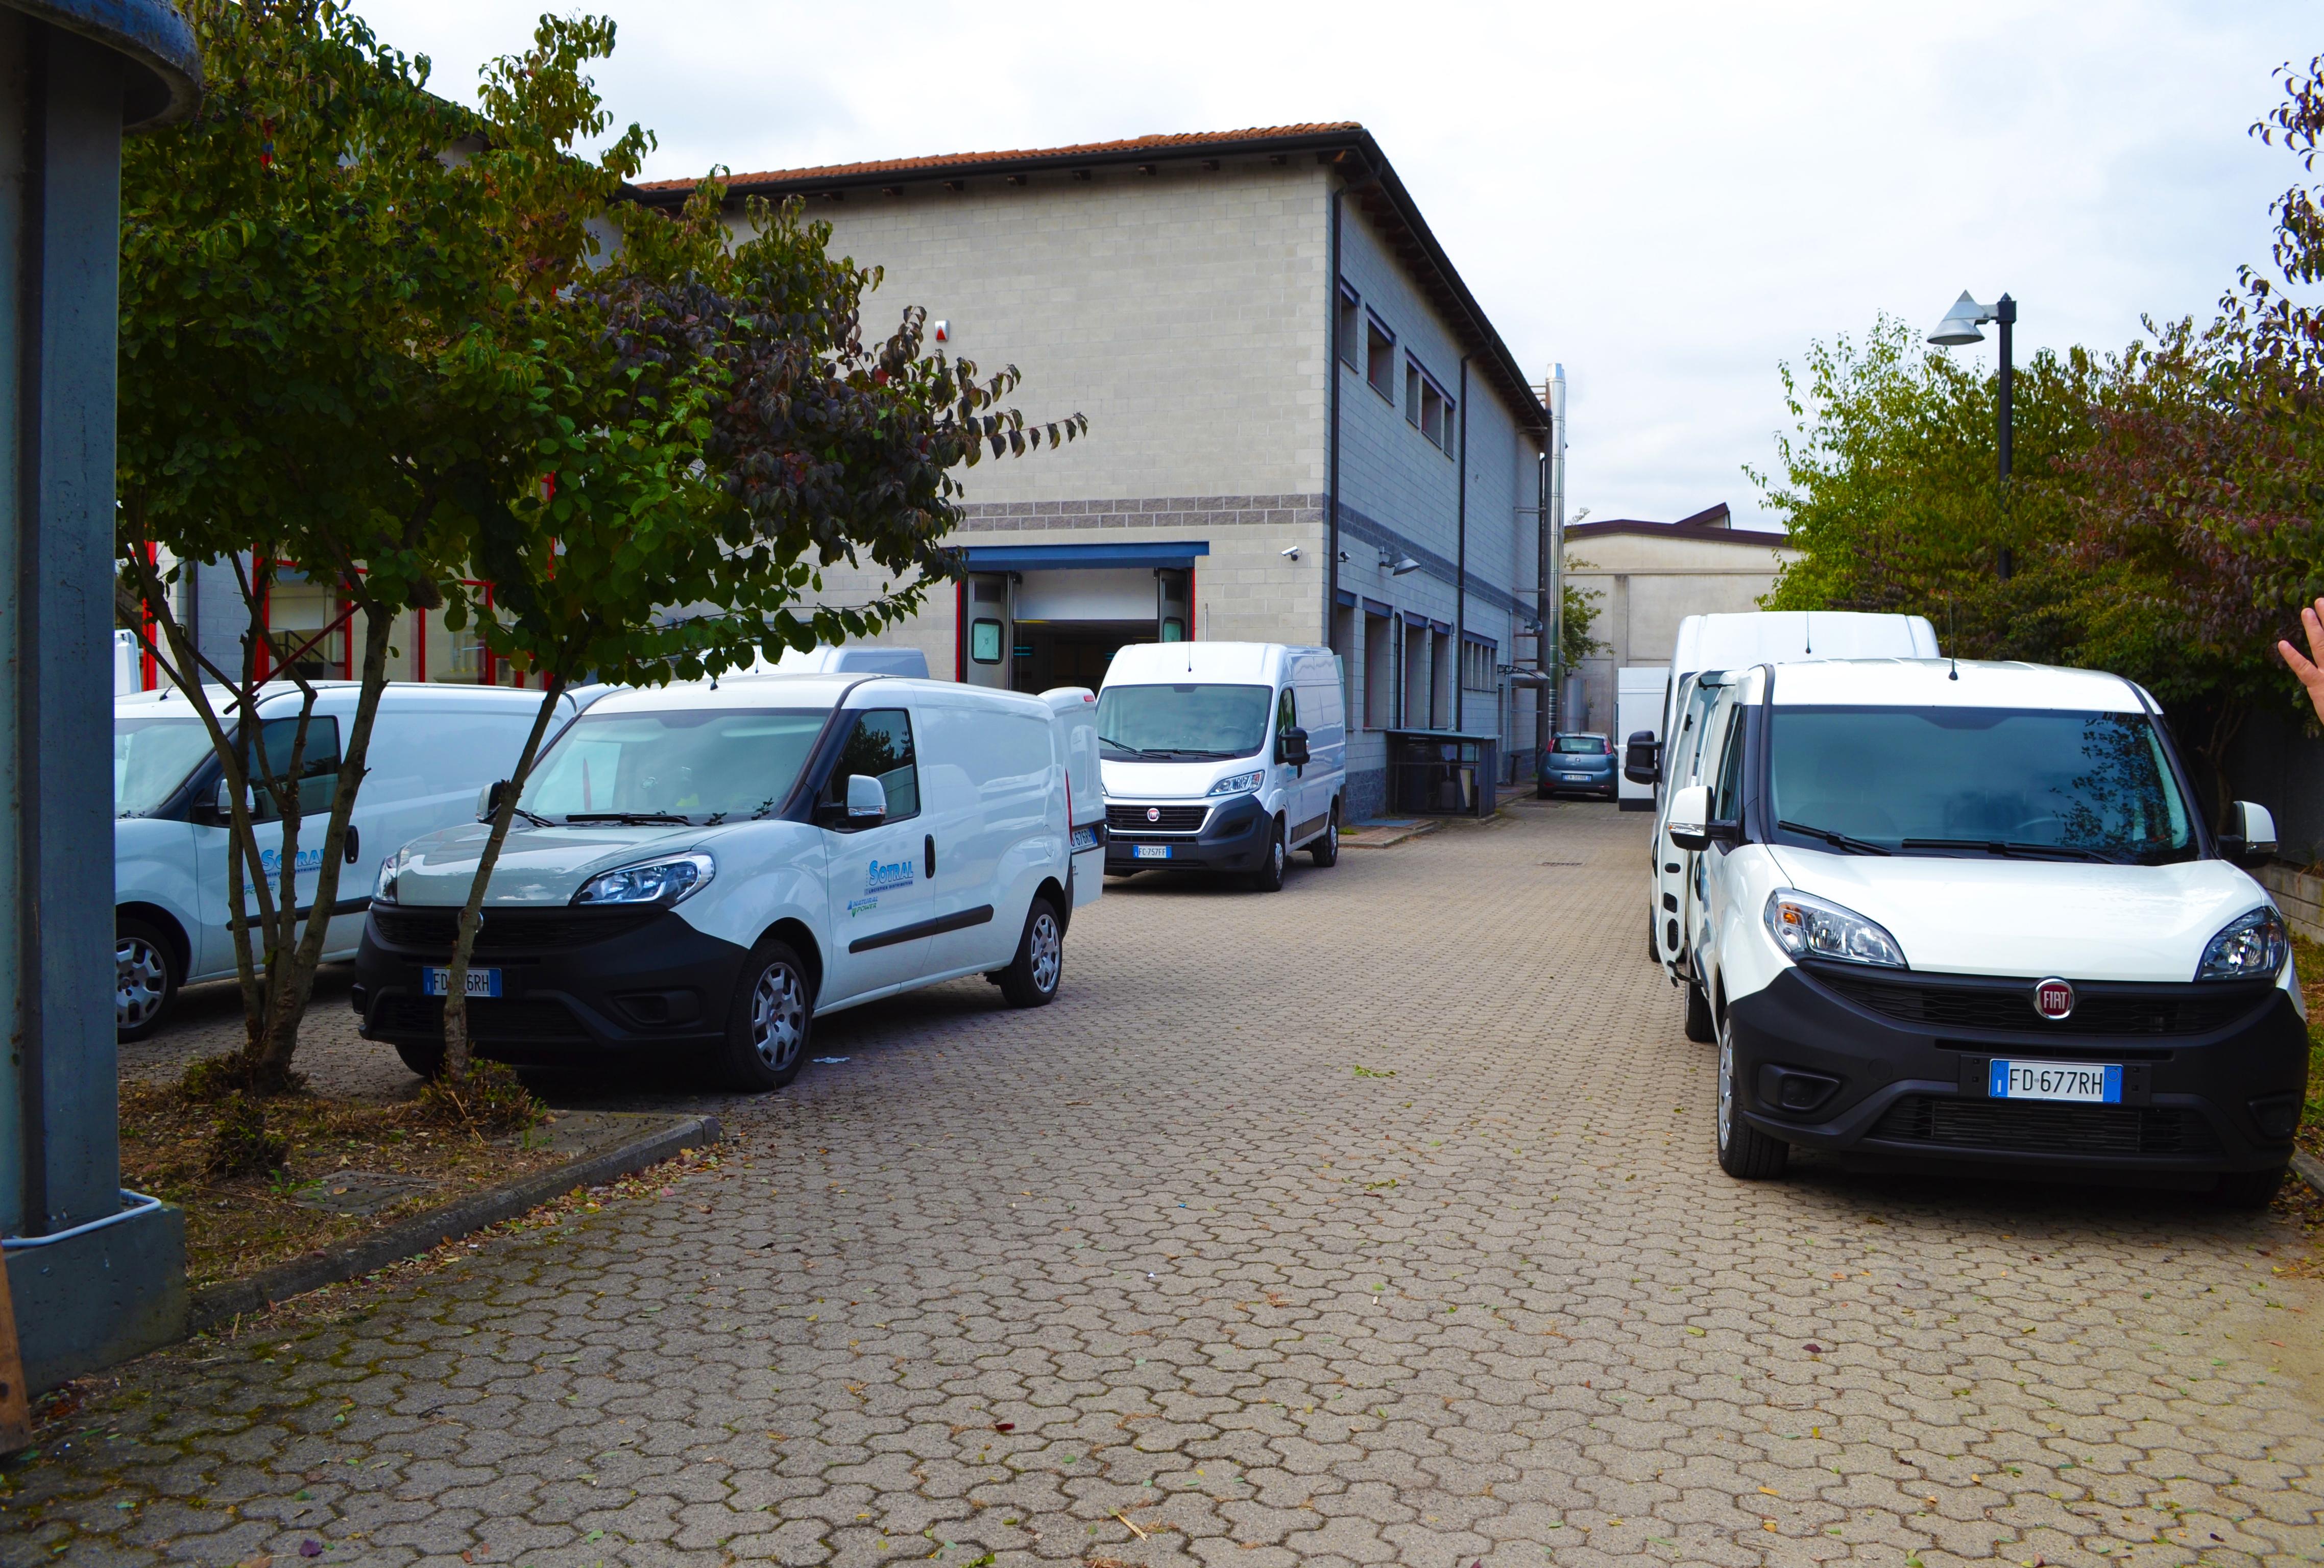 Sotral azienda trasporto pasti automezzi